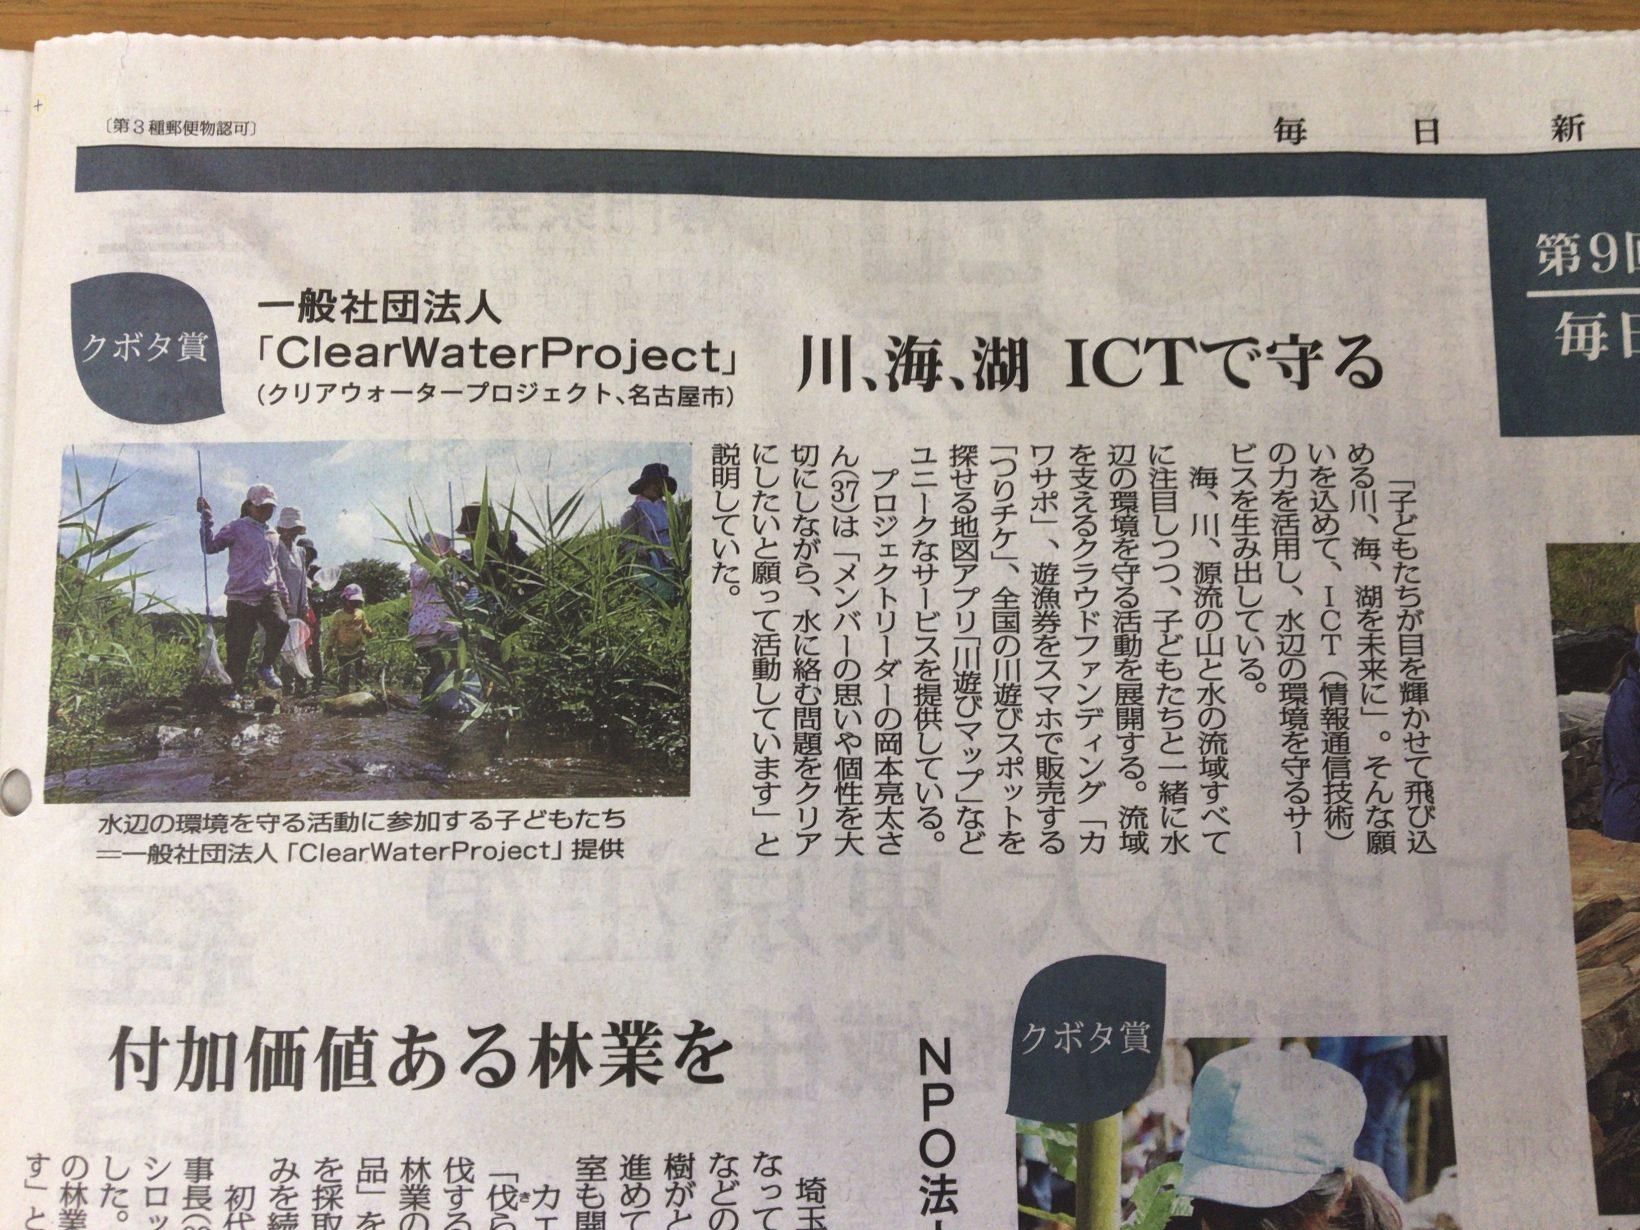 3月20日 毎日新聞朝刊でCWPを紹介いただきました